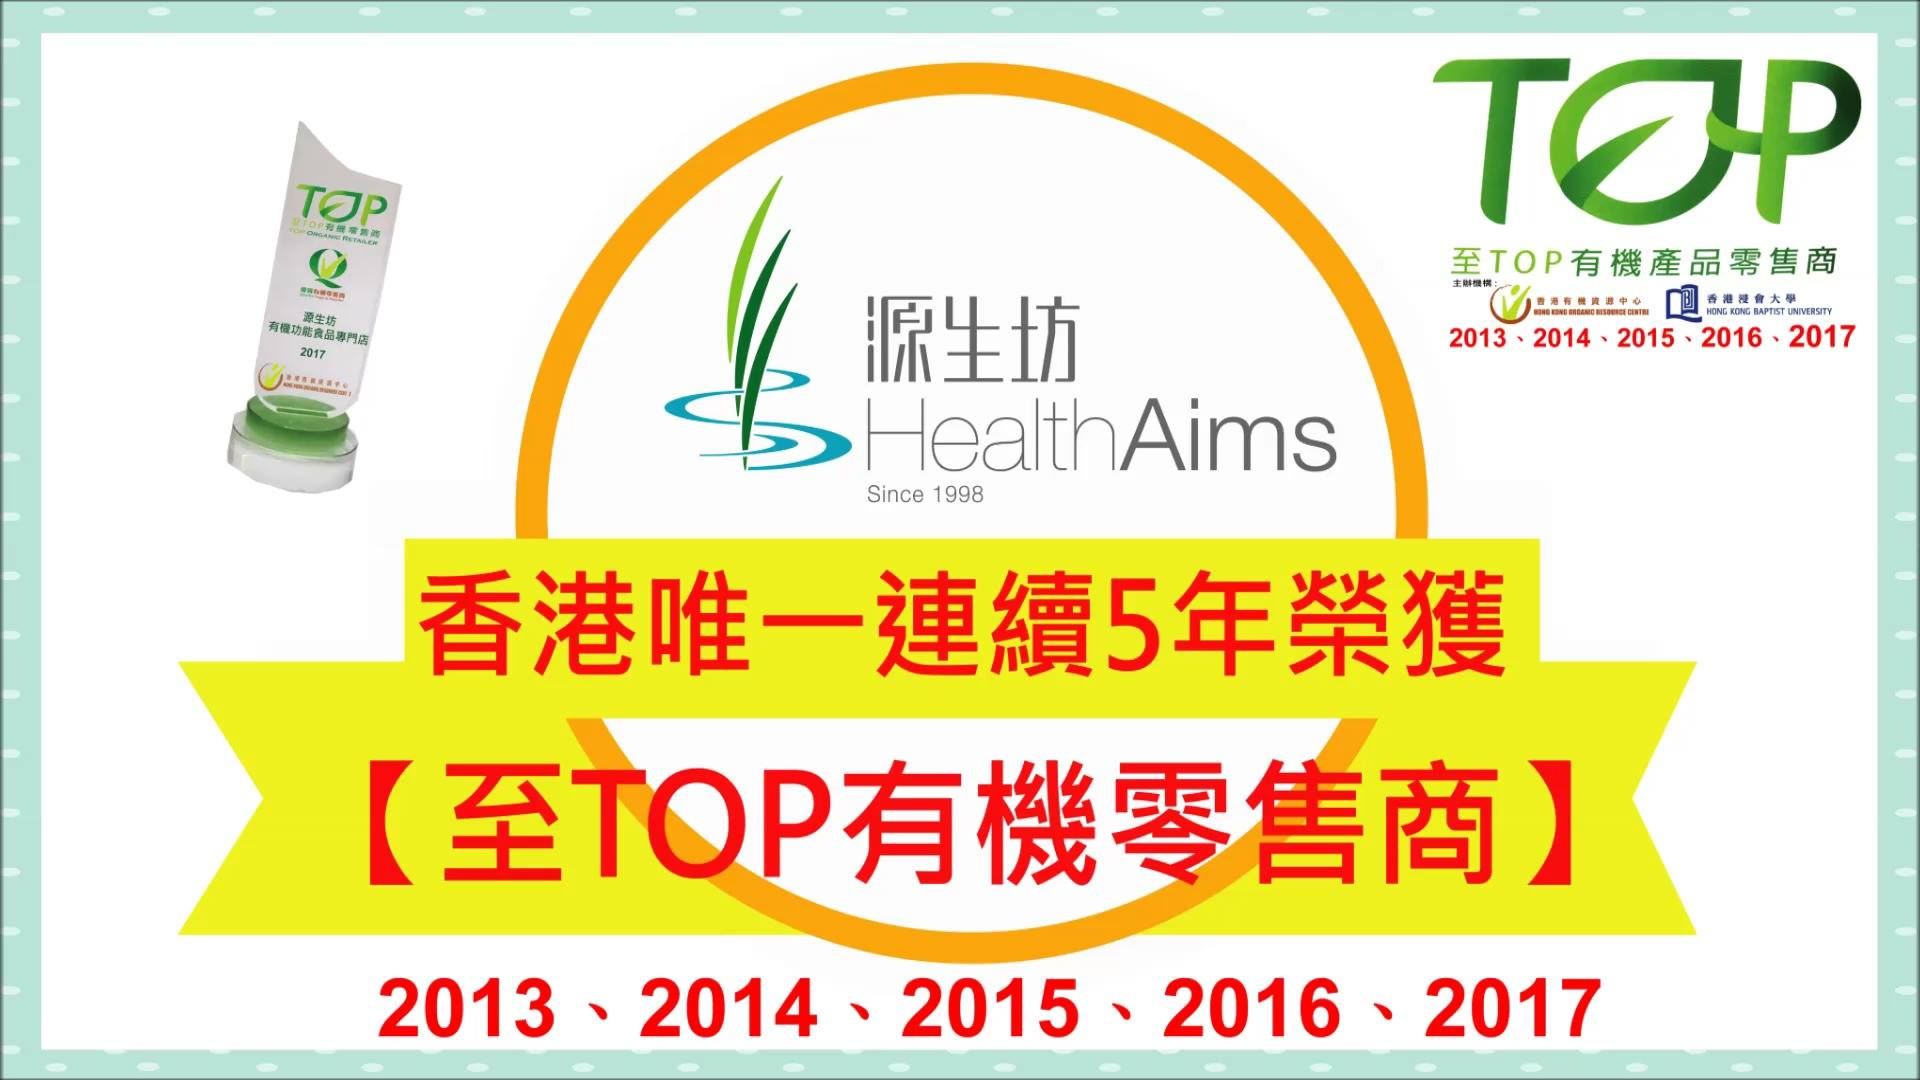 源生坊是香港唯一連續5年榮獲<至TOP有機零售商>